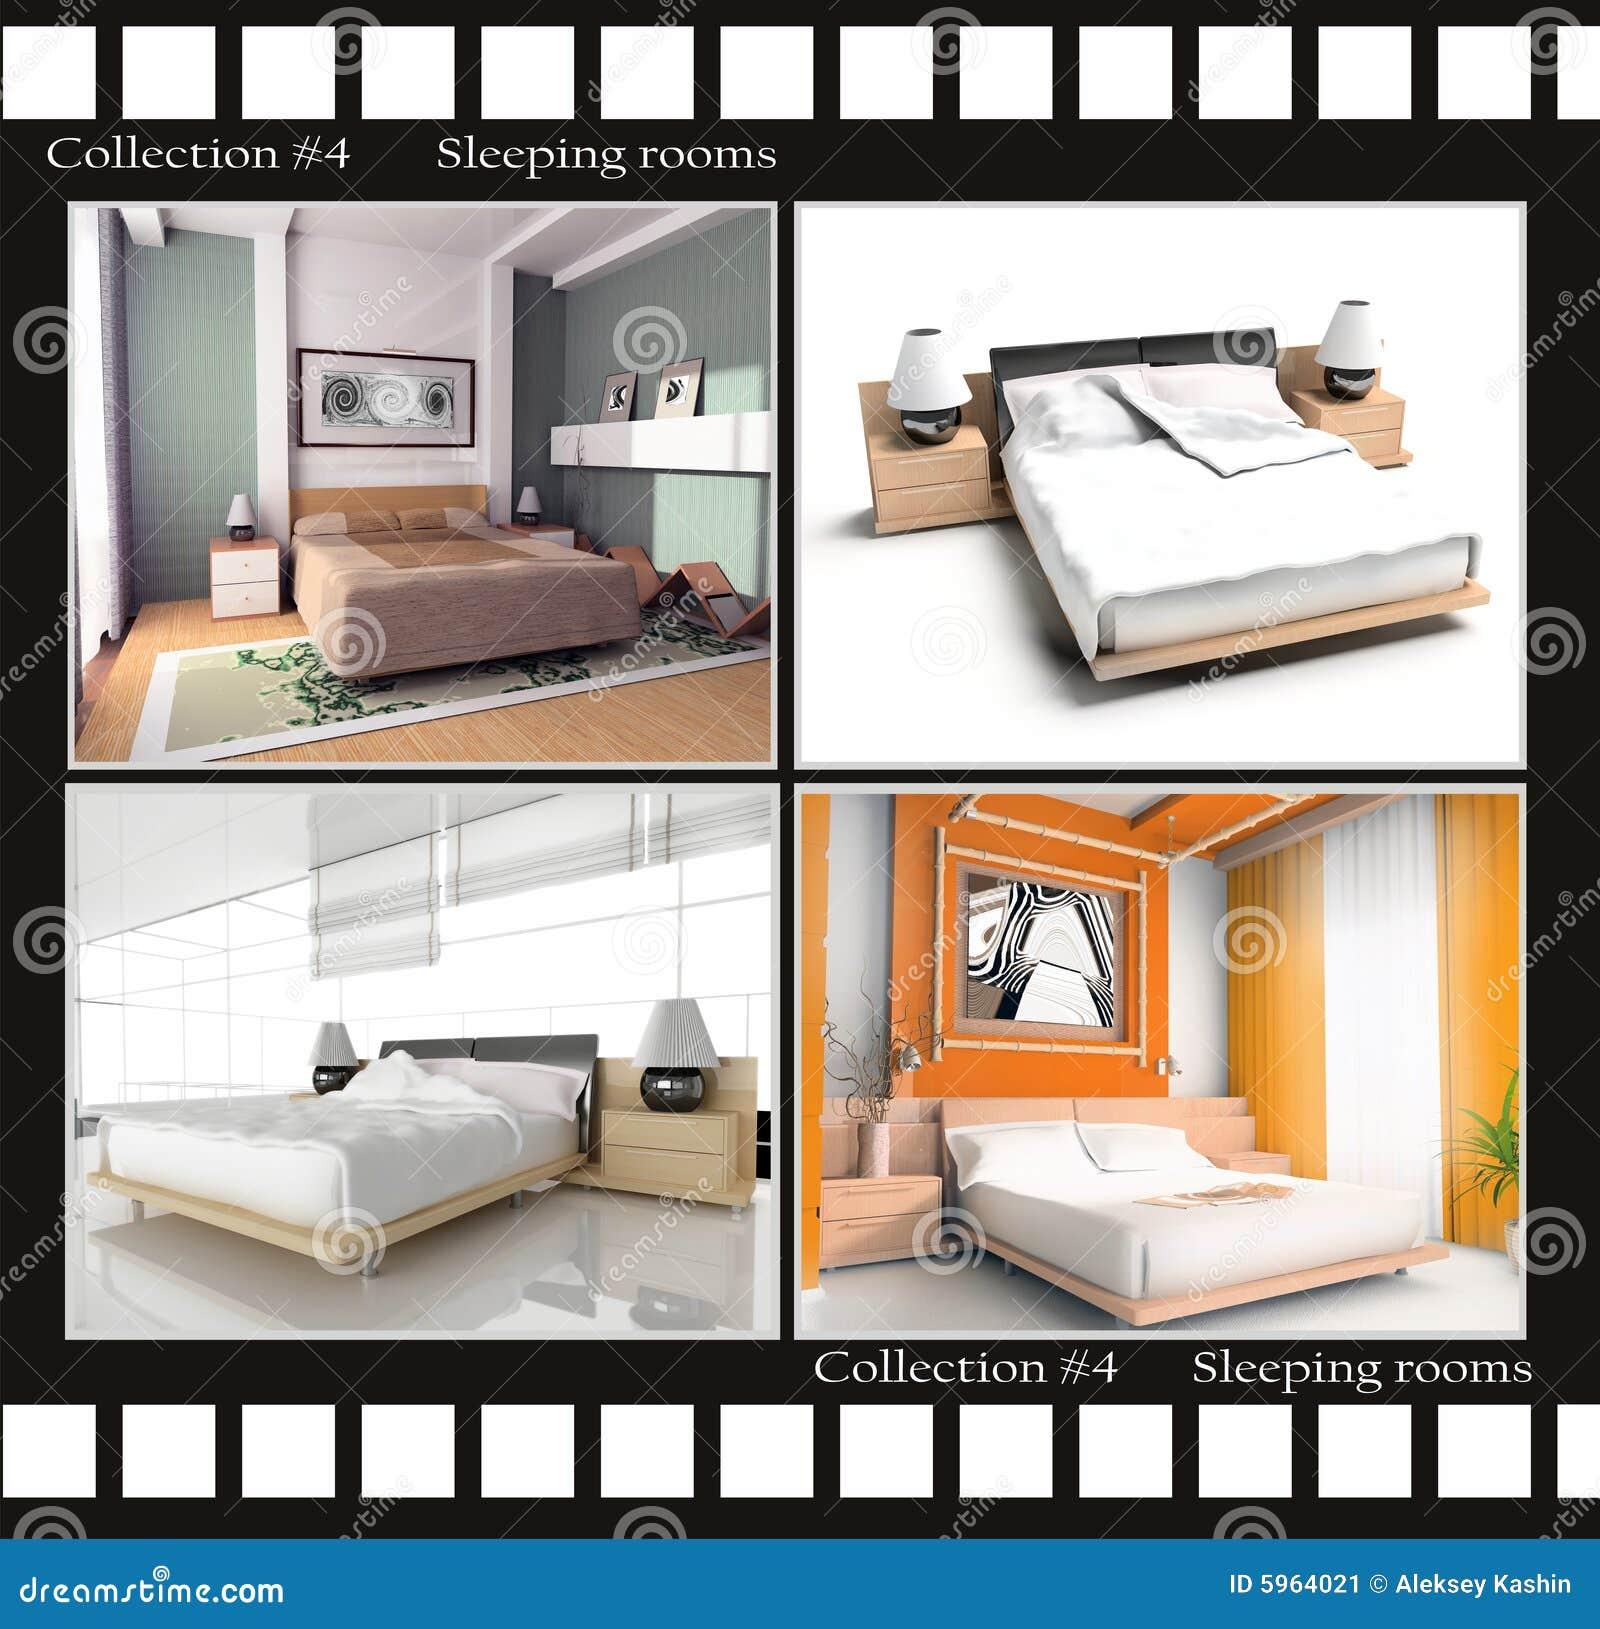 Inzameling van beelden van slaapruimten